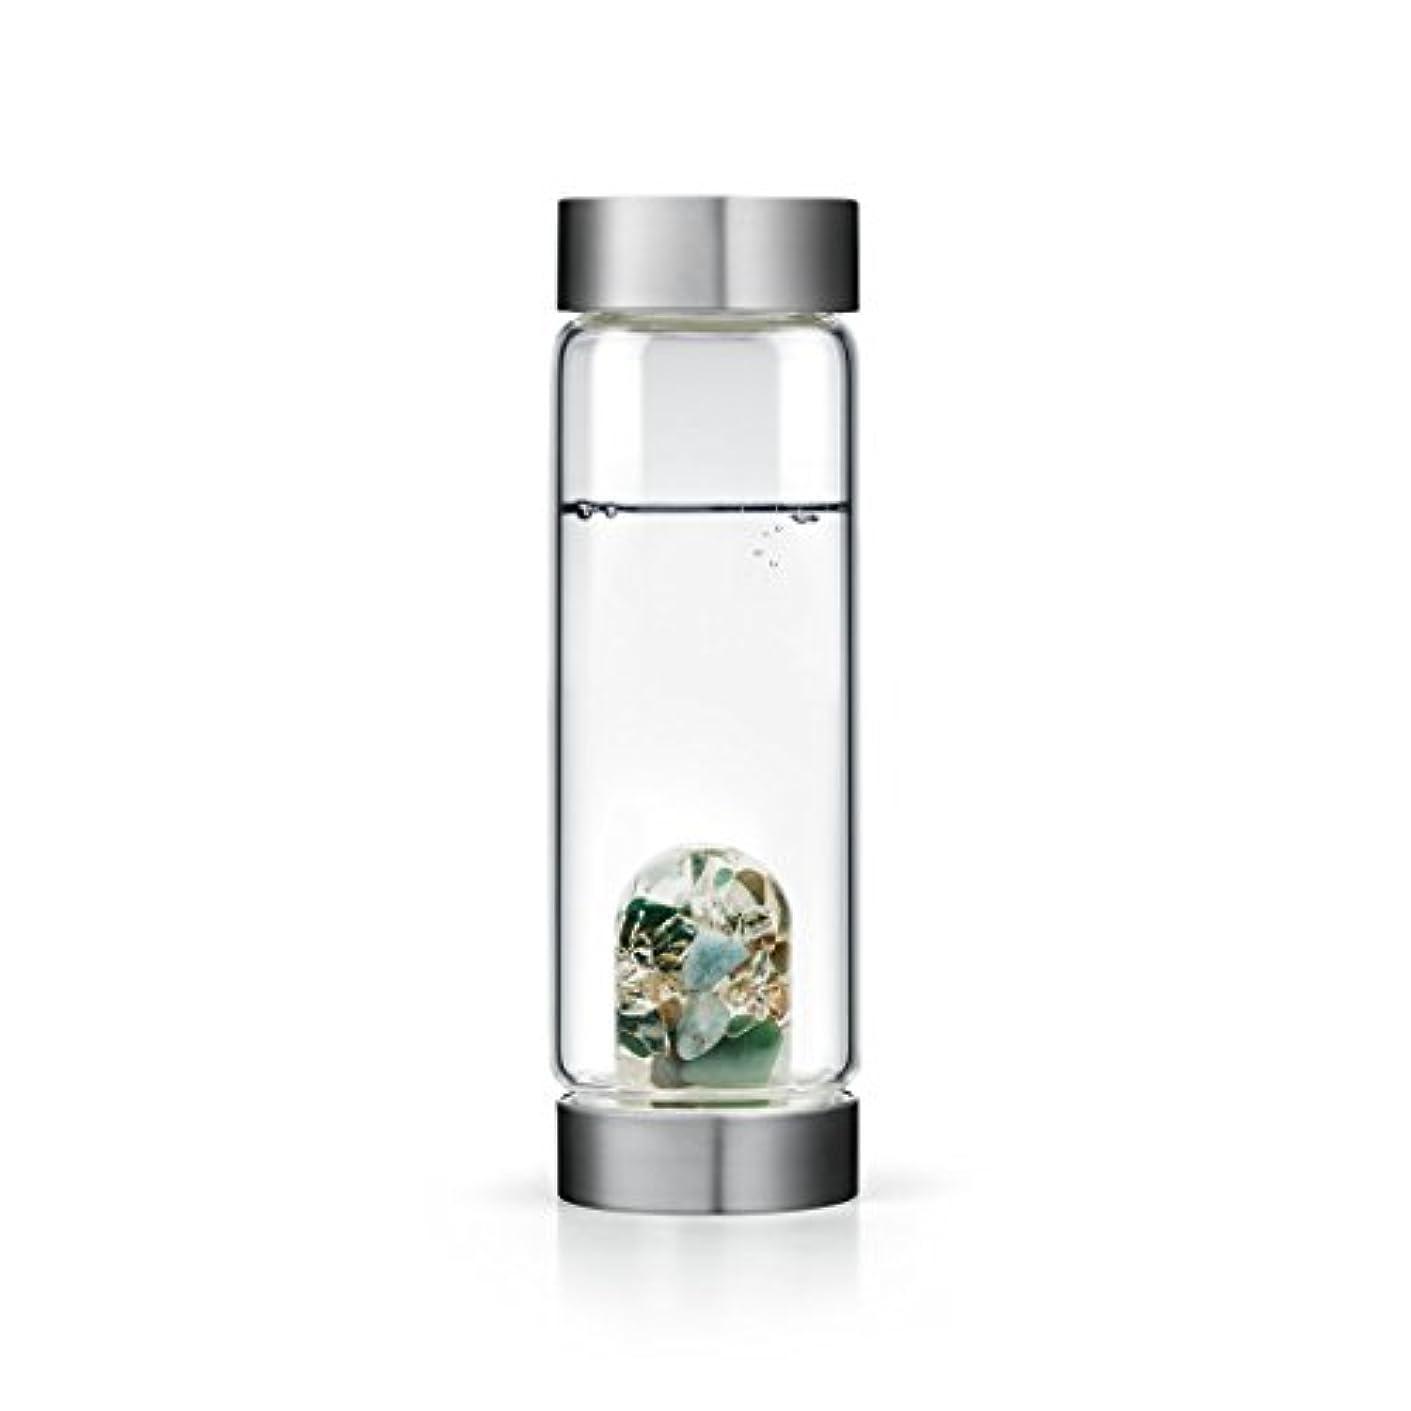 雪のフレームワークバクテリアForever Young gem-waterボトルby VitaJuwel W / Freeカリフォルニアホワイトセージバンドル 16.9 fl oz